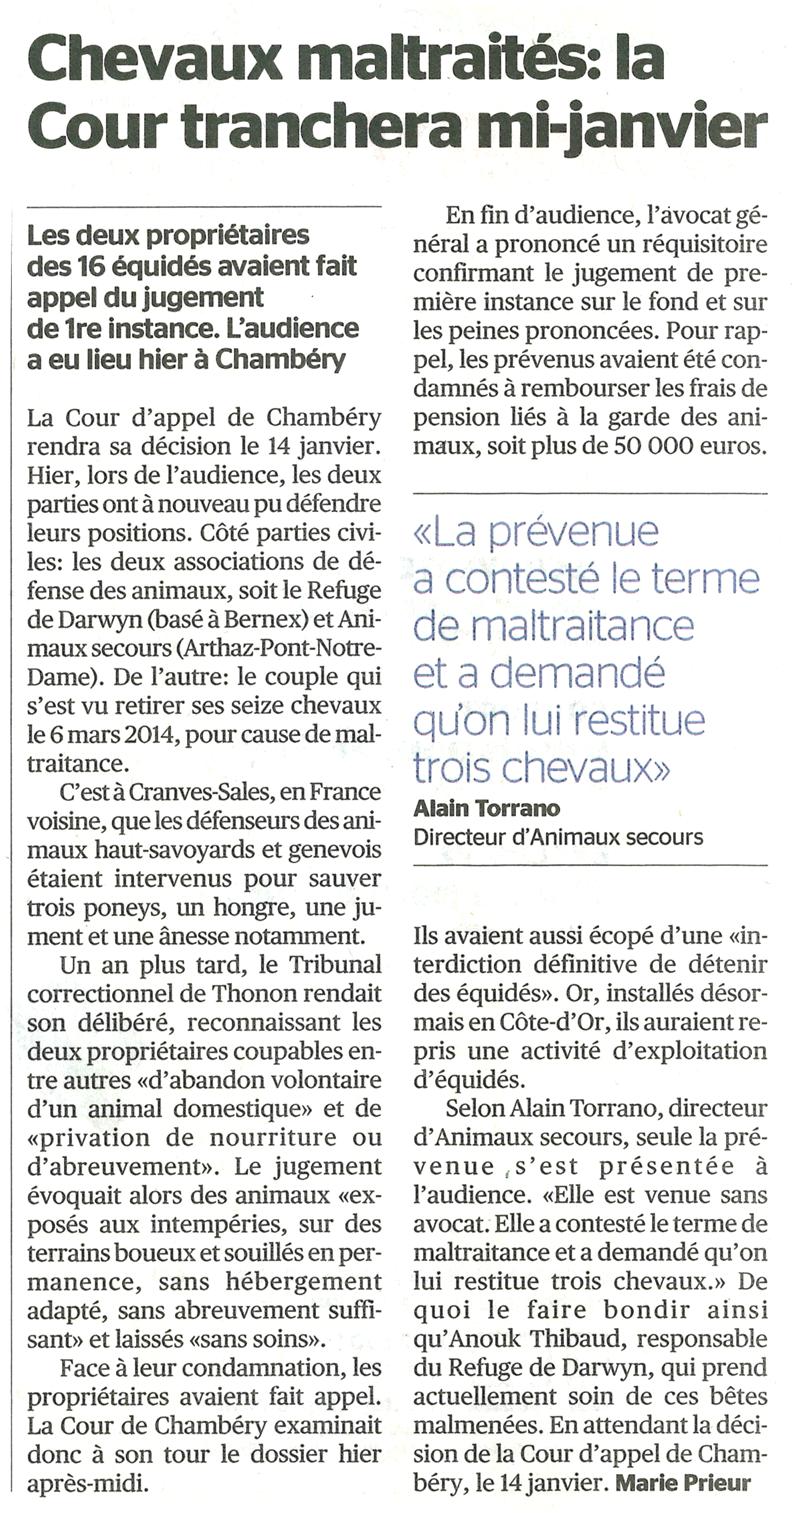 La-Tribune-de-Genève-du-18122015